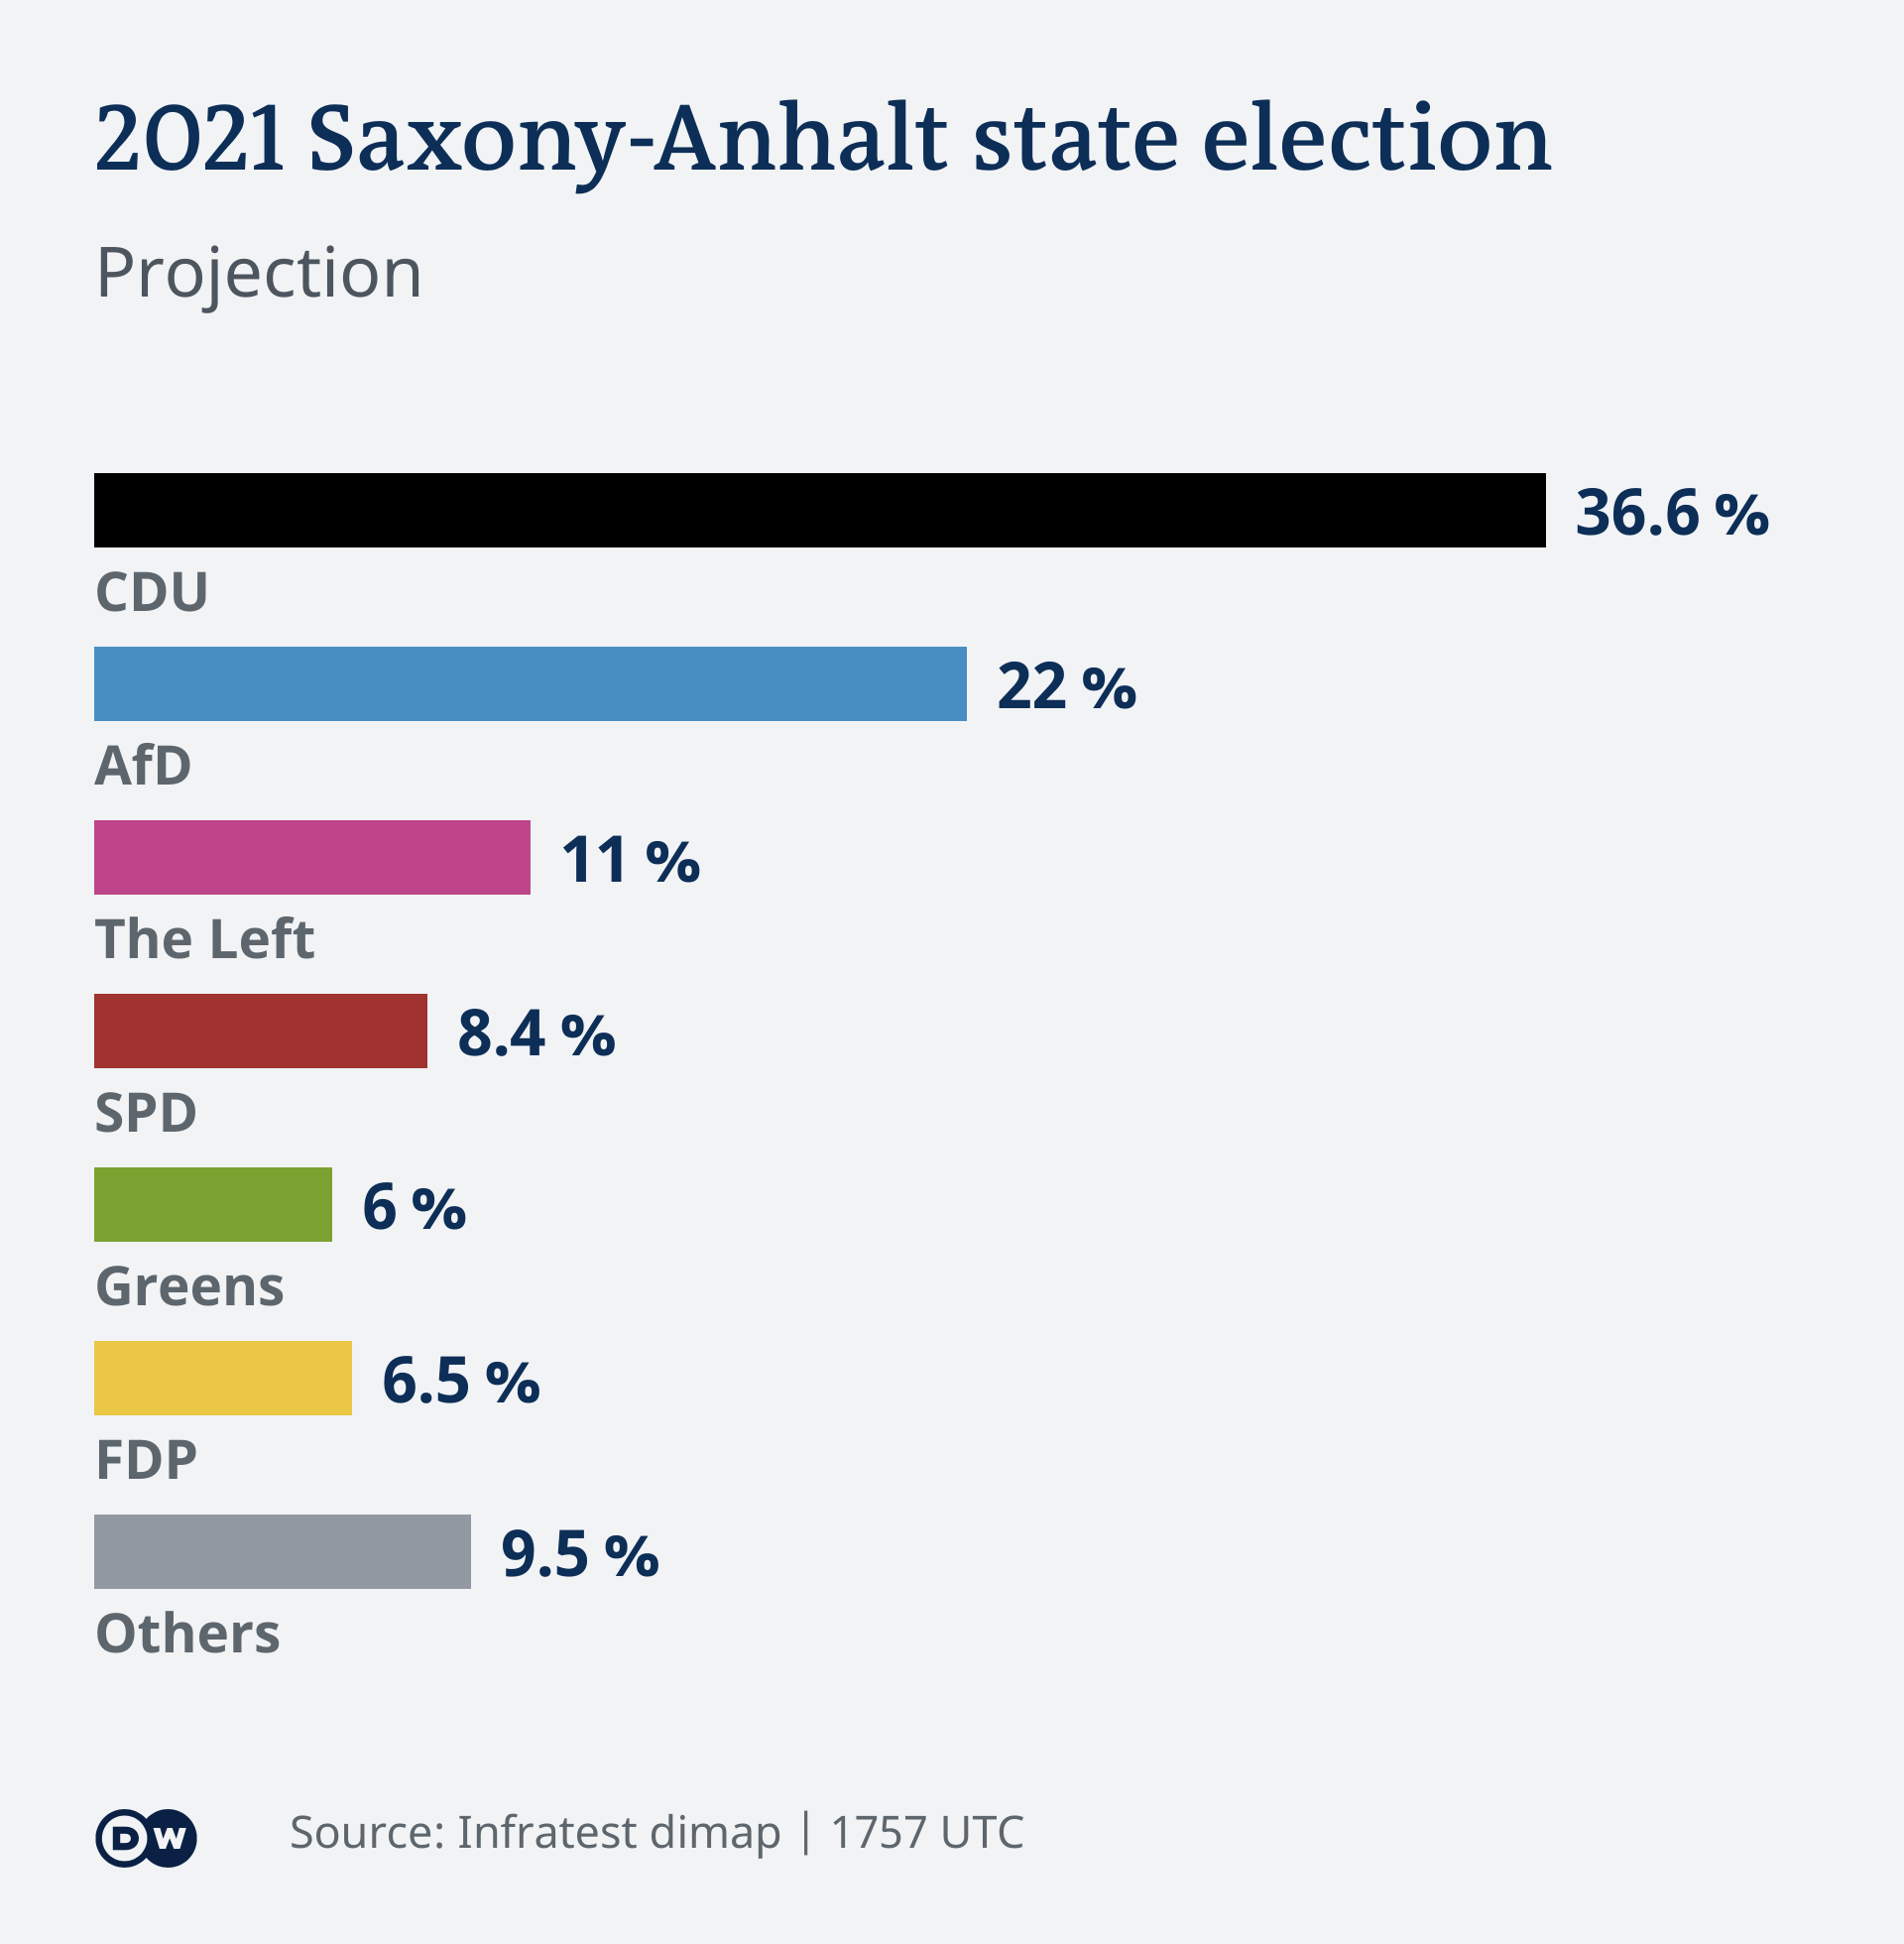 آرا احزاب انتخابات زاکسن-آنهالت: حزب دموکرات مسیحی بالای ۳۶ درصد، حزب آلترناتیو برای آلمان ۲۲ درصد، حزب چپ ۱۱ درصد، حزب سوسیال دموکرات حدود هشت و نیم درصد، حزب سبزها شش درصد، حزب لیبرال شش و نیم درصد و سایر احزاب۹ و نیم درصد